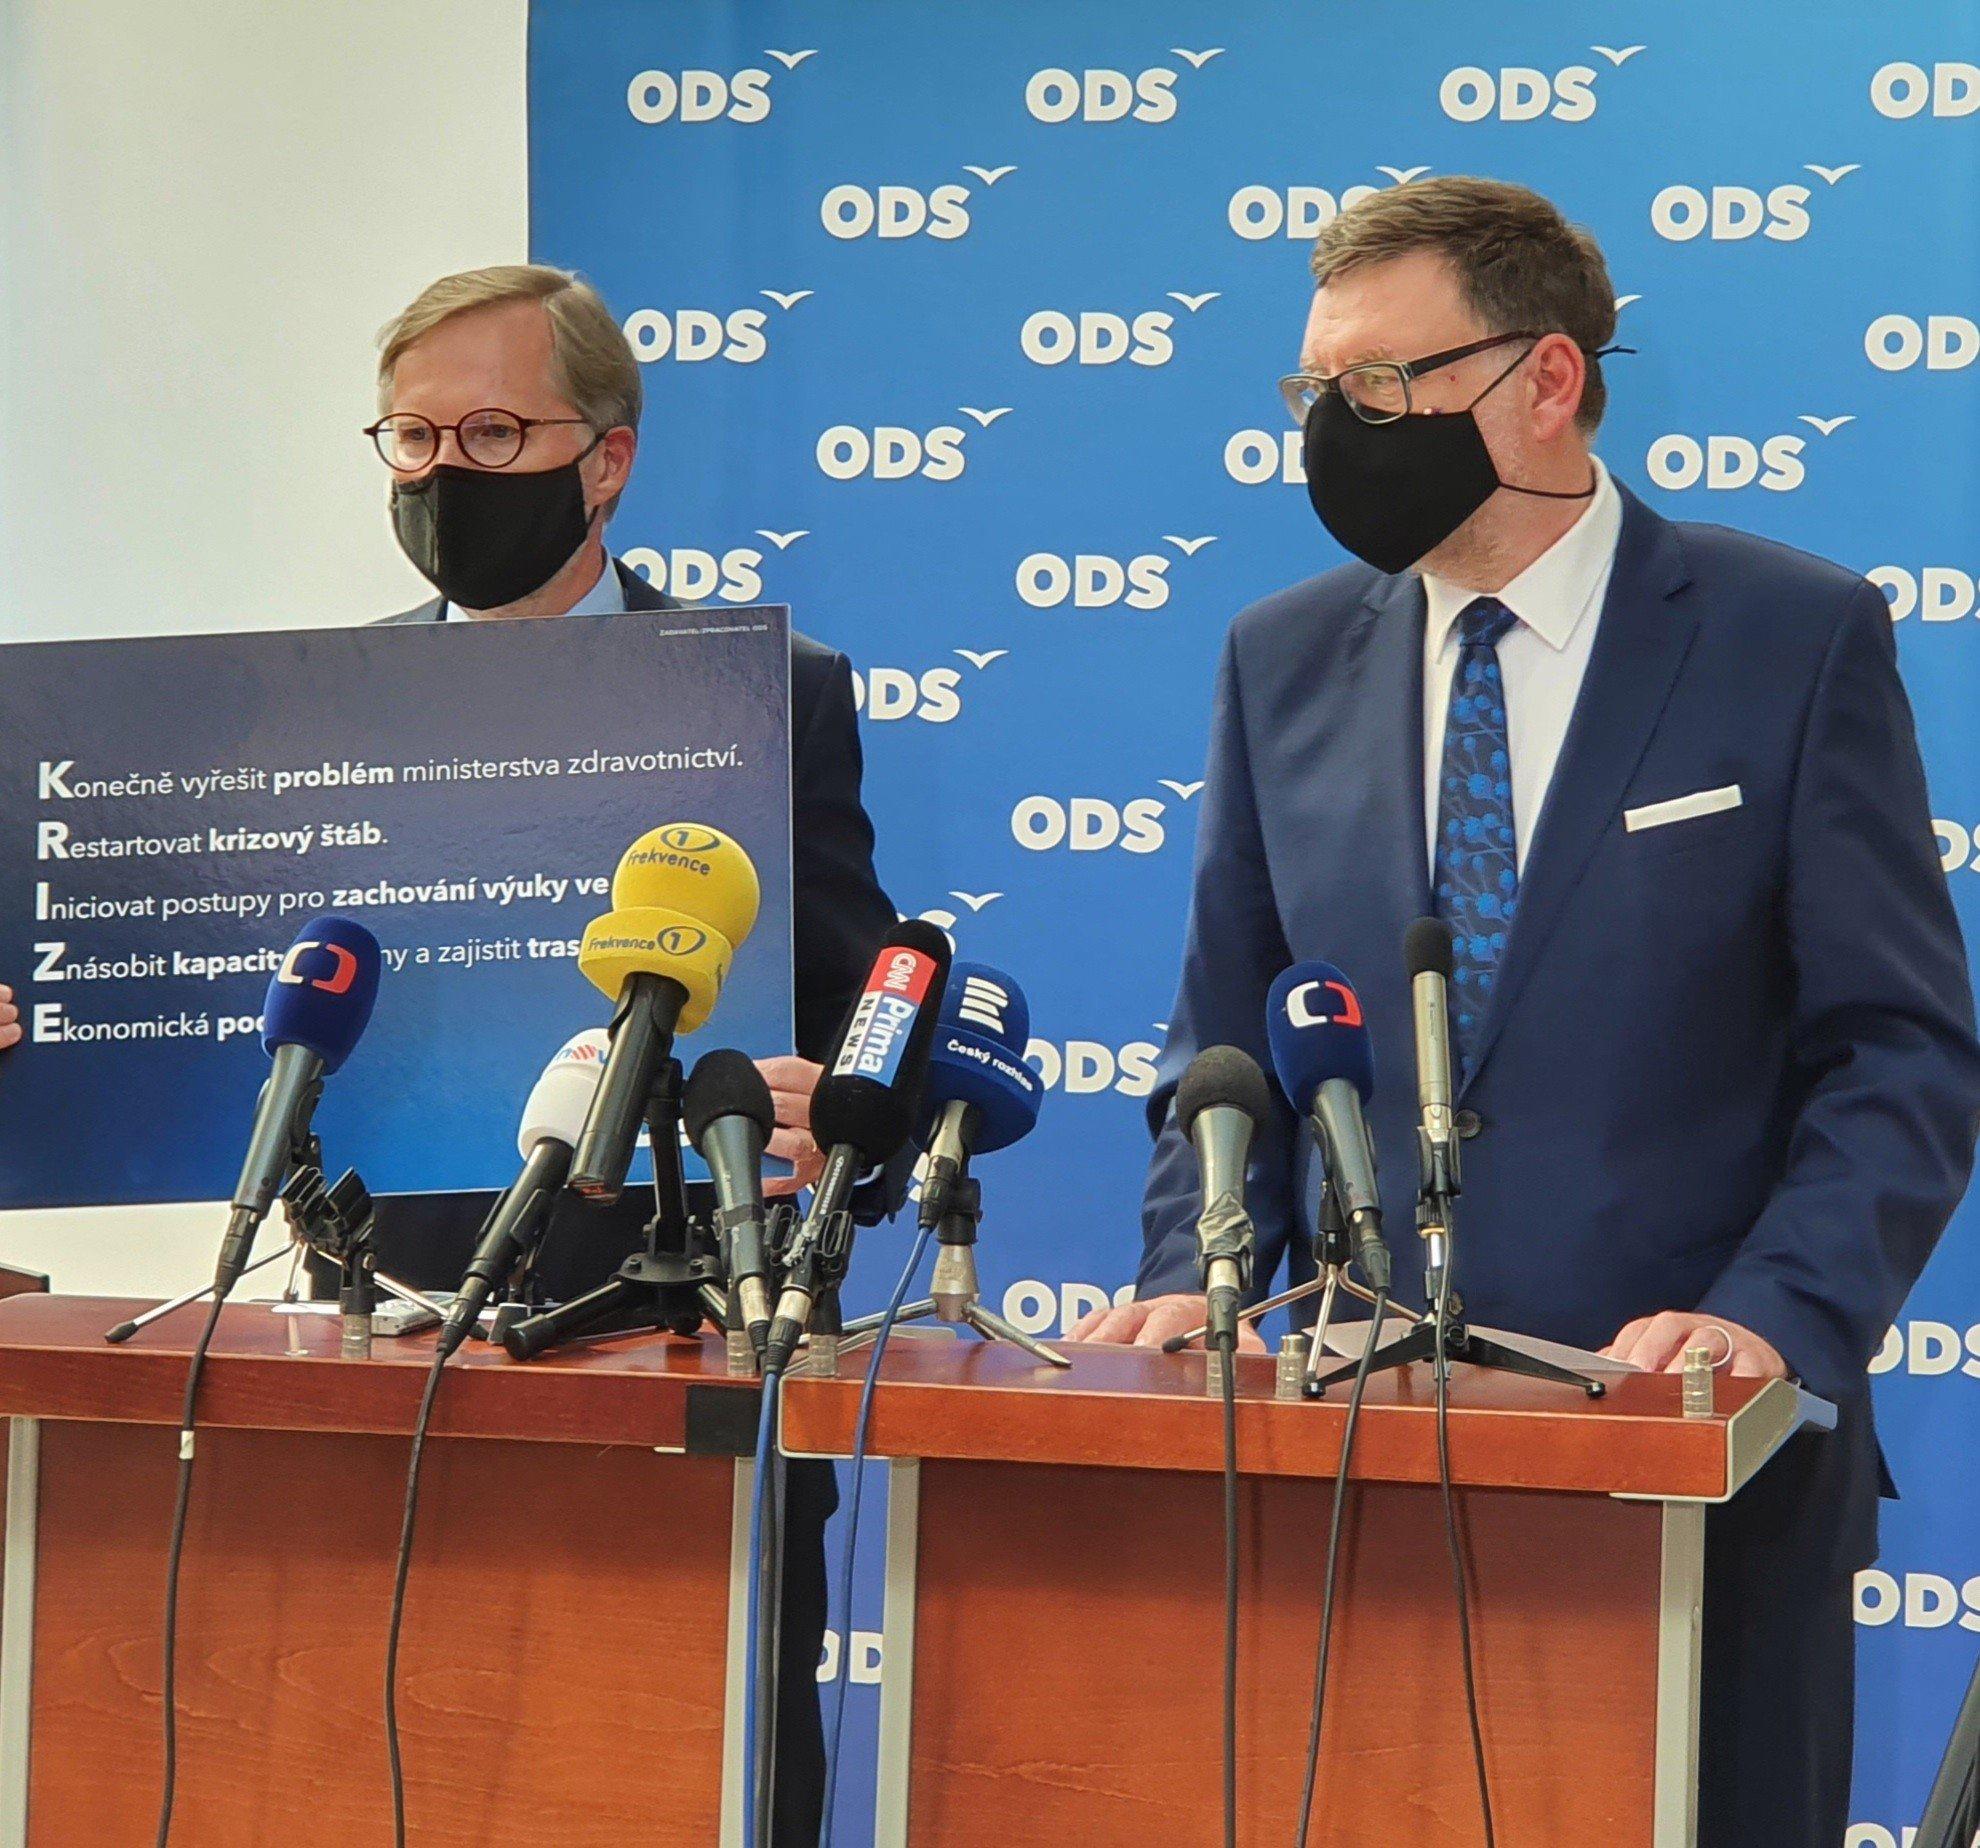 ODS: Konec ministra Vojtěcha a restart krizového štábu. Máme konkrétní kroky k řešení druhé vlny covidu